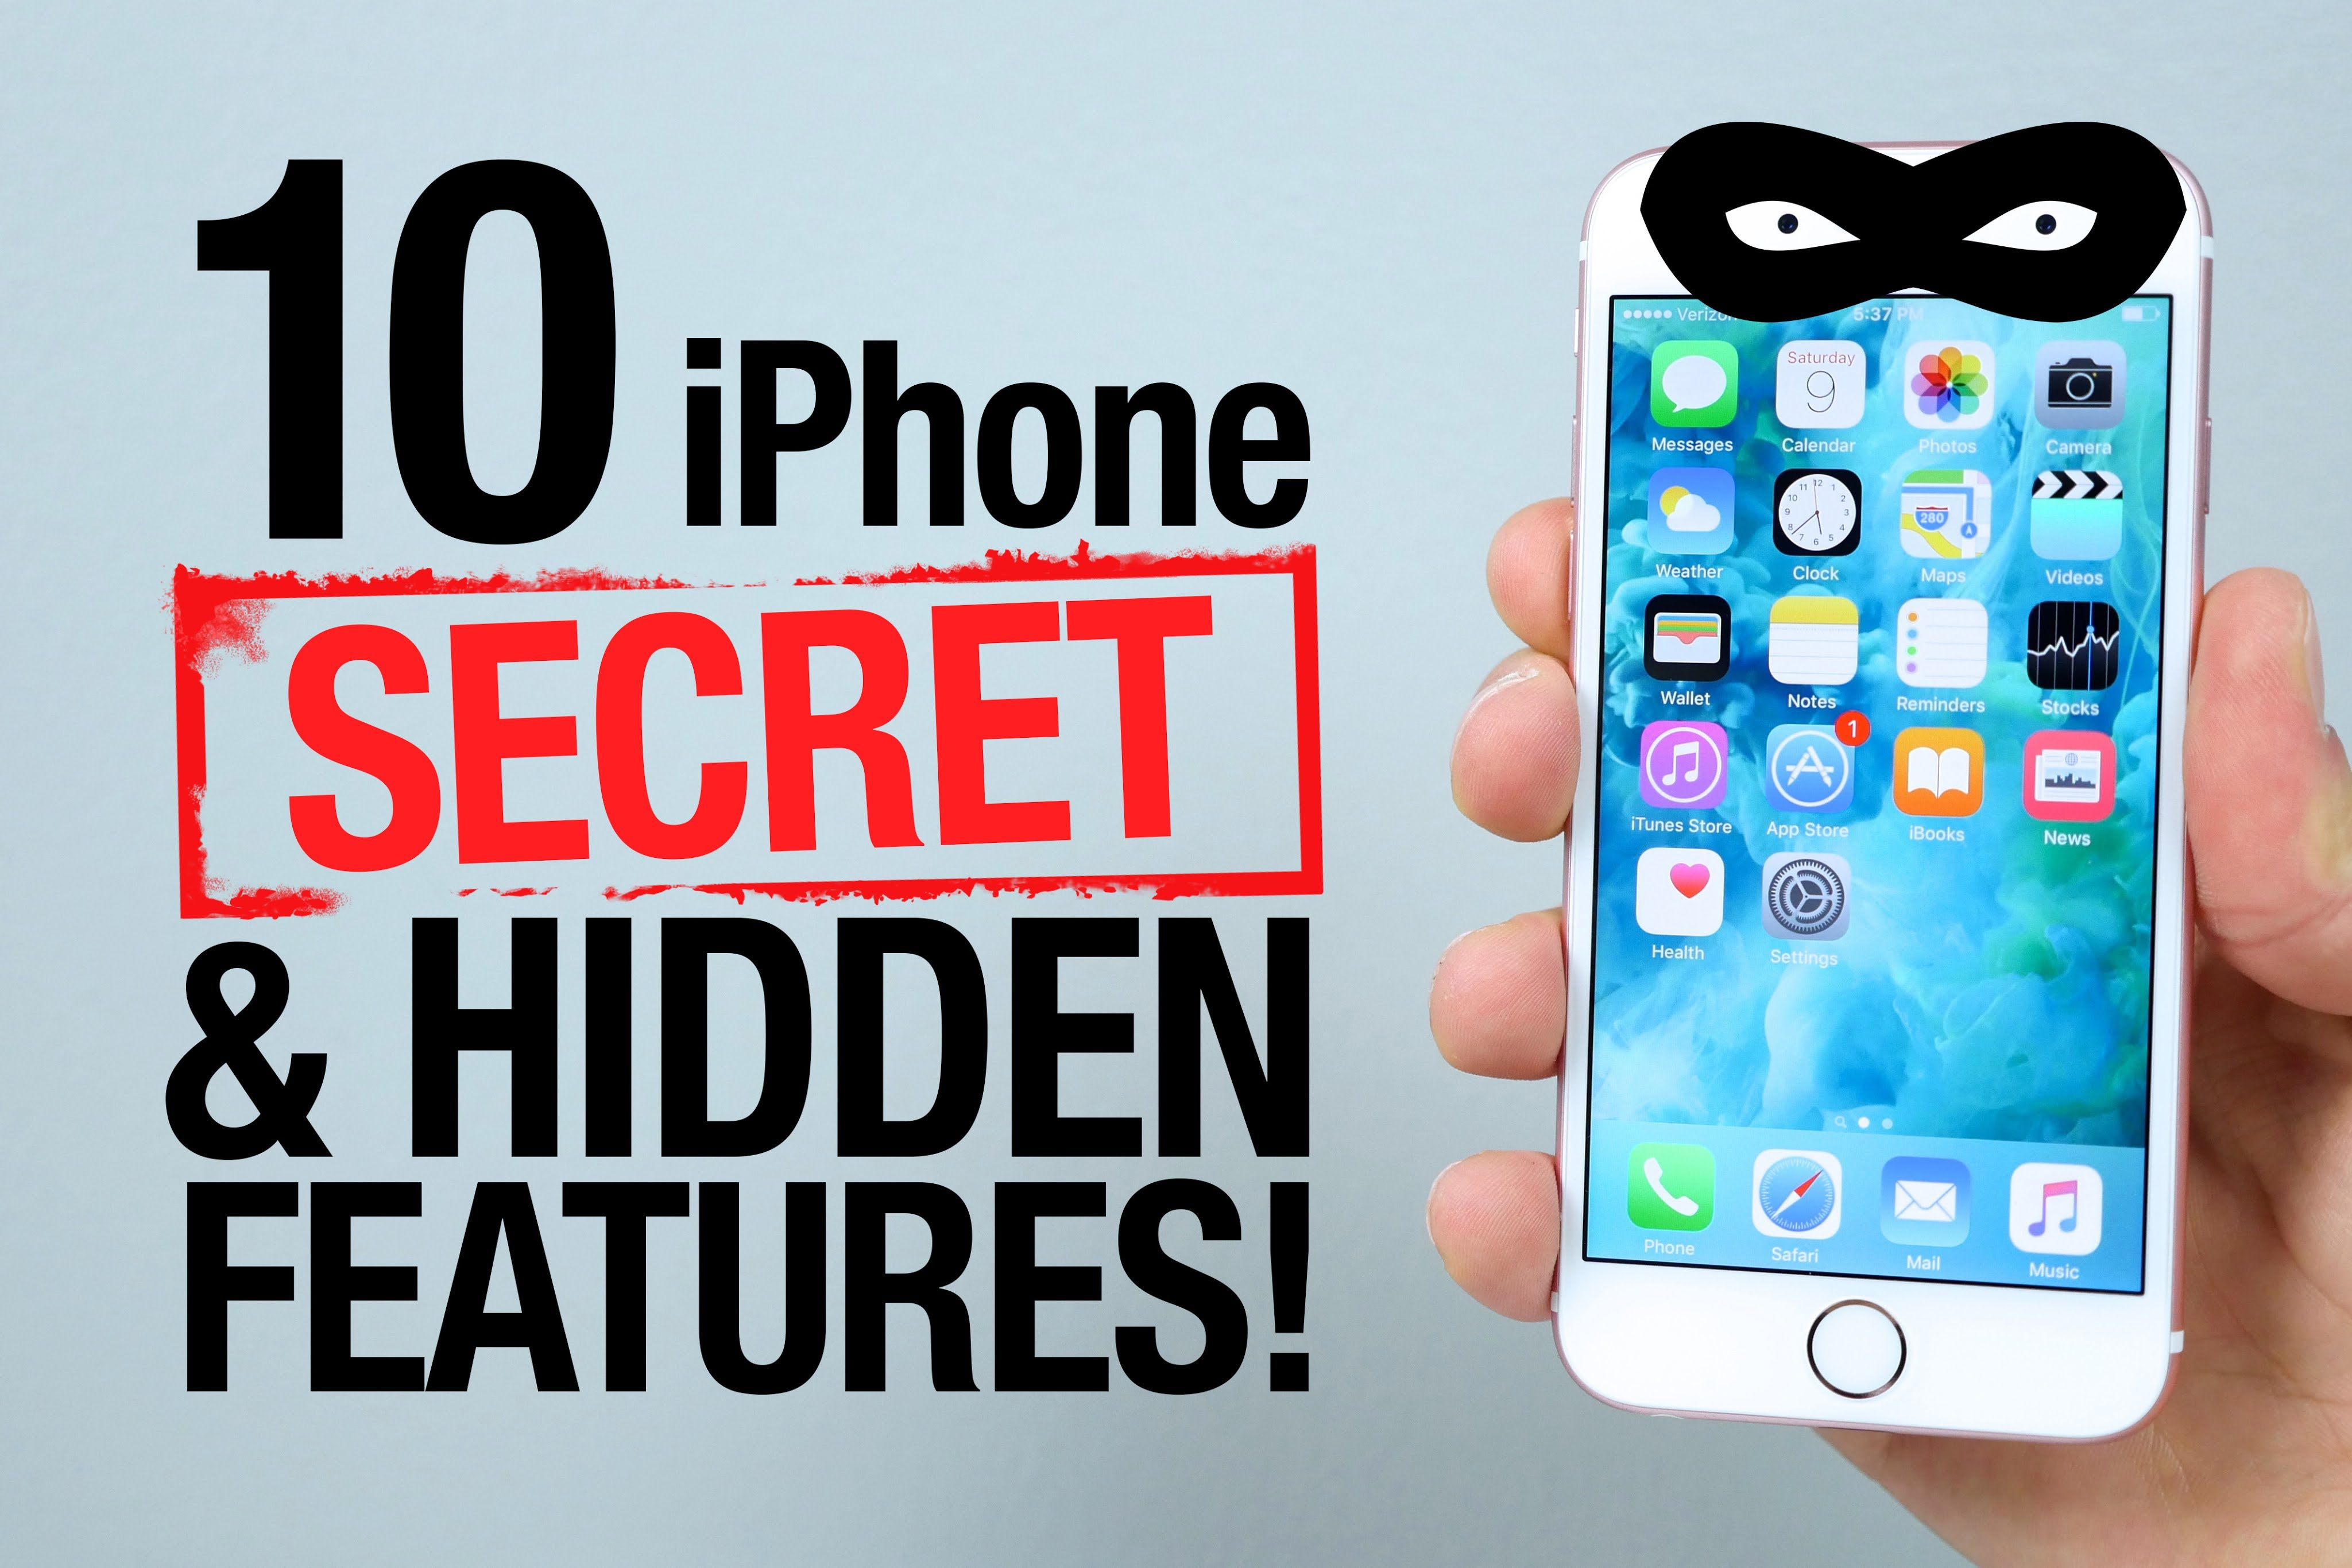 10 secret hidden iphone features in 931932 with